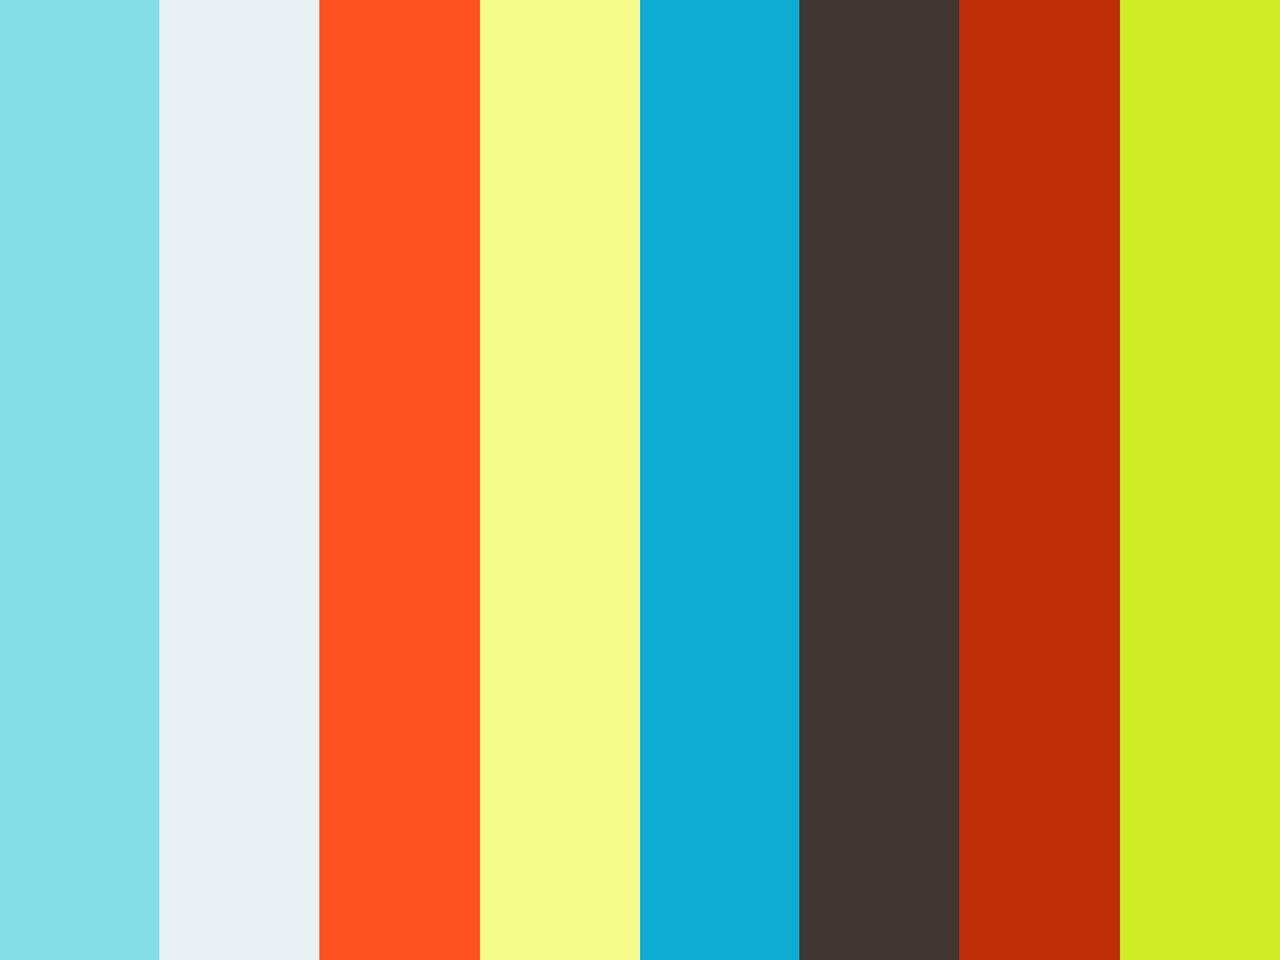 和のコンセプトイメージ|2画面分割